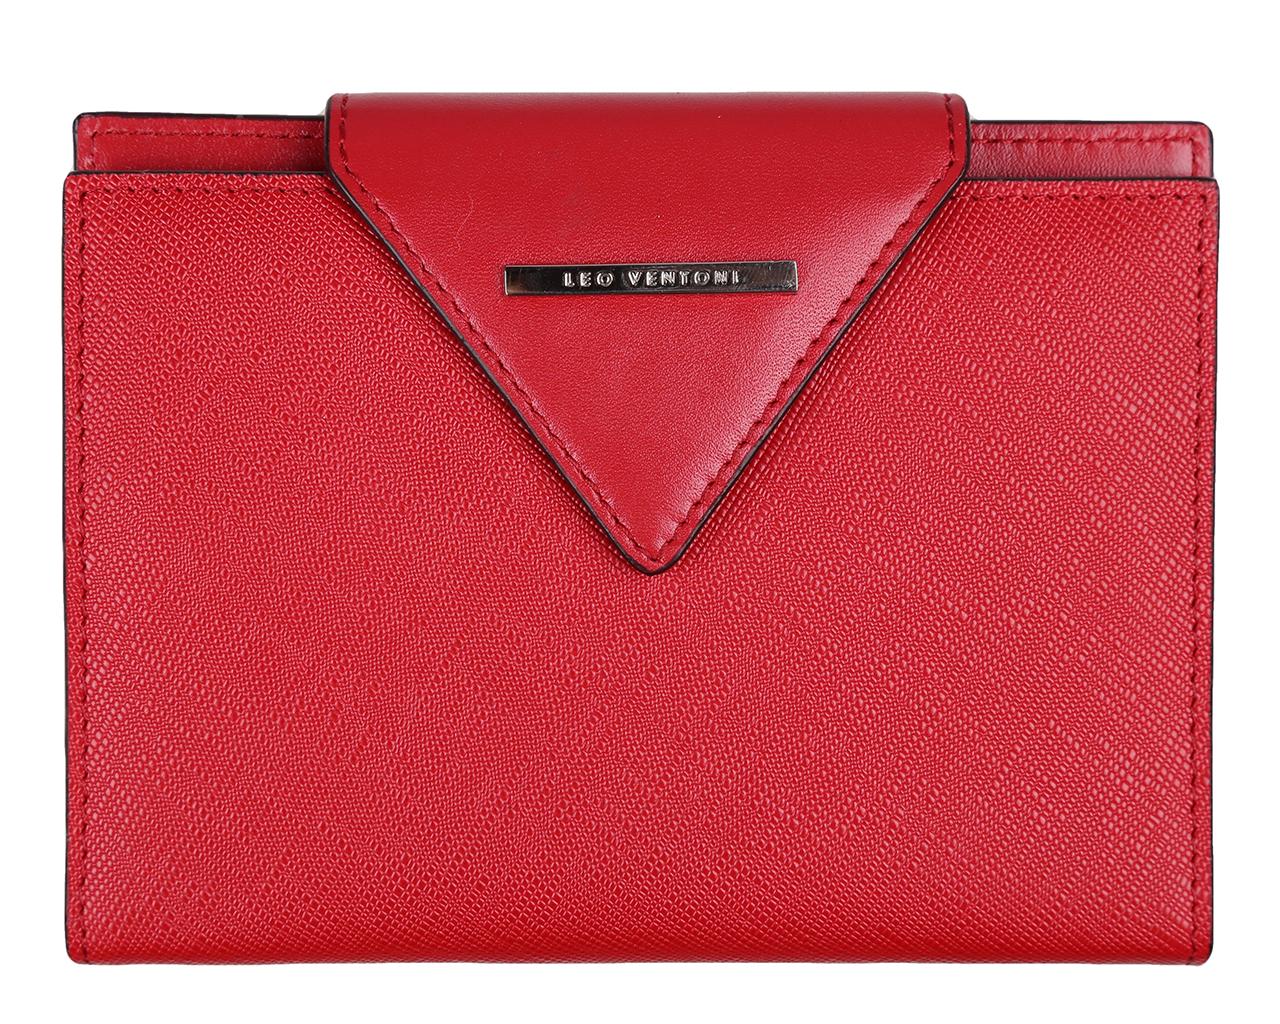 Обложка для паспорта женская Leo Ventoni, цвет: красный. L330767L330767 rossoСтильная обложка для паспорта Leo Ventoni выполнена из натуральной кожи, дополнена оригинальным тиснением и металлической фурнитурой с символикой бренда. Изделие раскладывается пополам и закрывается фигурным хлястиком на кнопку. Внутри размещены два боковых кармана для паспорта и шесть карманов для кредитных карт, один из которых с прозрачным окошком из мягкого пластика, и дополнительный боковой кармашек. Изделие поставляется в фирменной упаковке. Оригинальная обложка для документов Leo Ventoni станет отличным подарком для человека, ценящего качественные и практичные вещи.